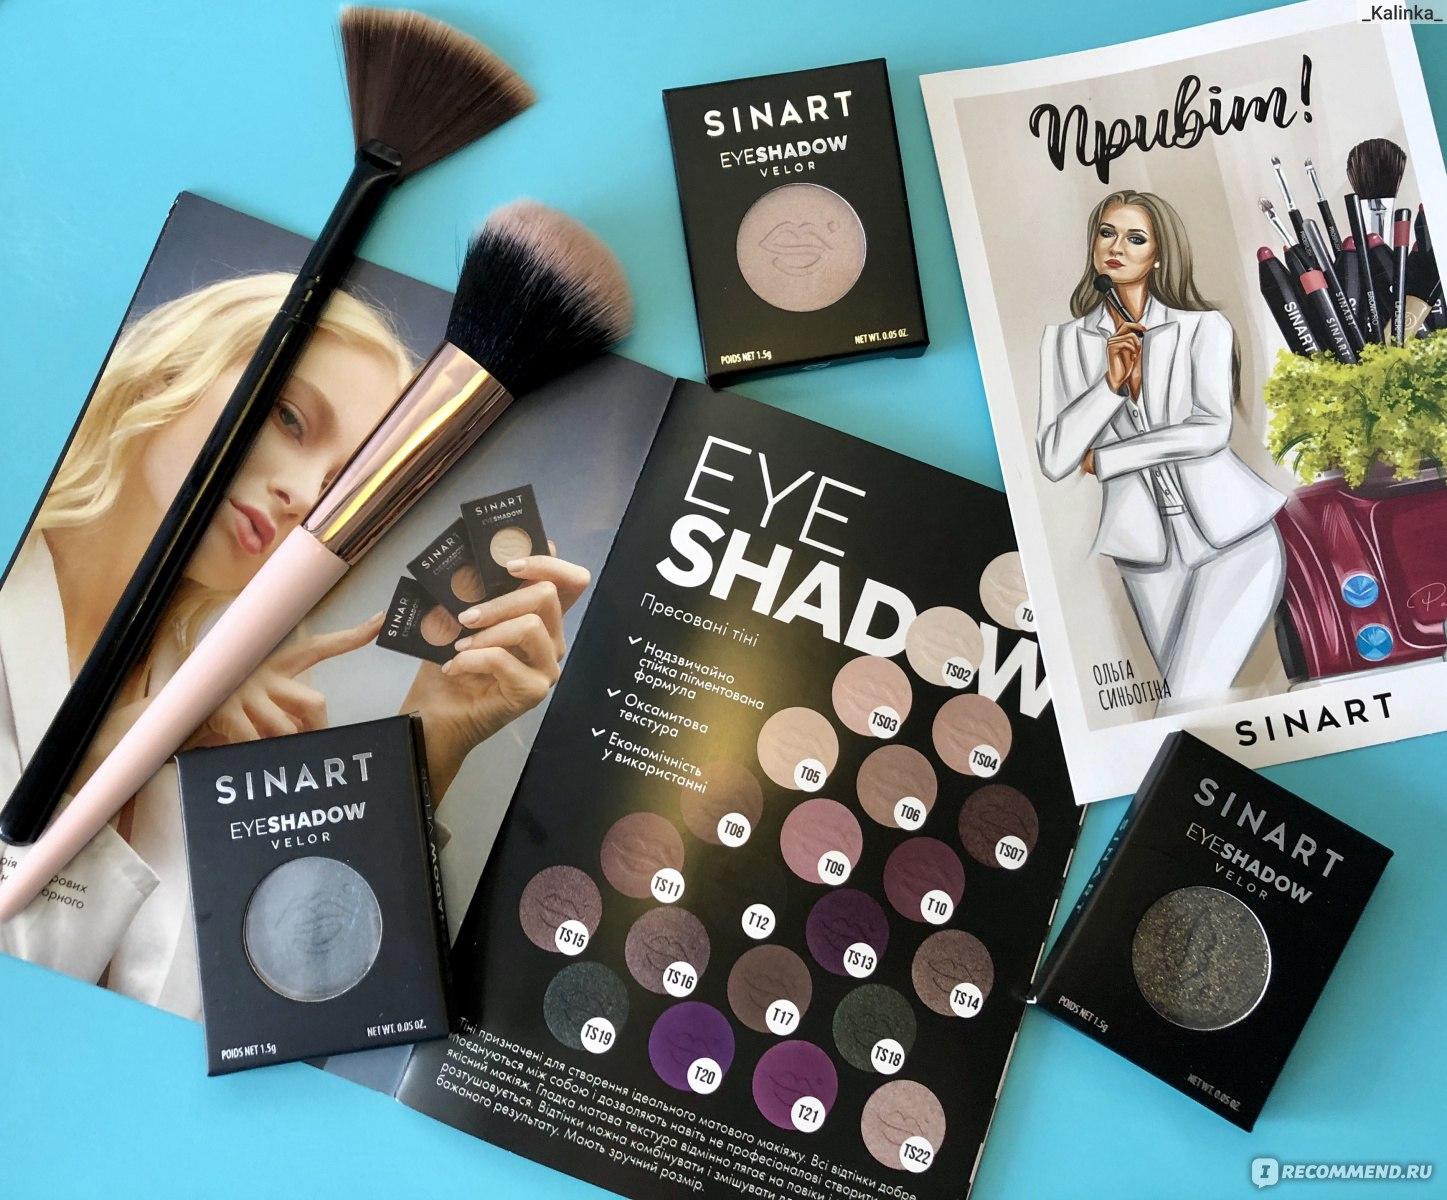 Sinart косметика купить в украине купить профессиональную косметику для волос нижний новгород